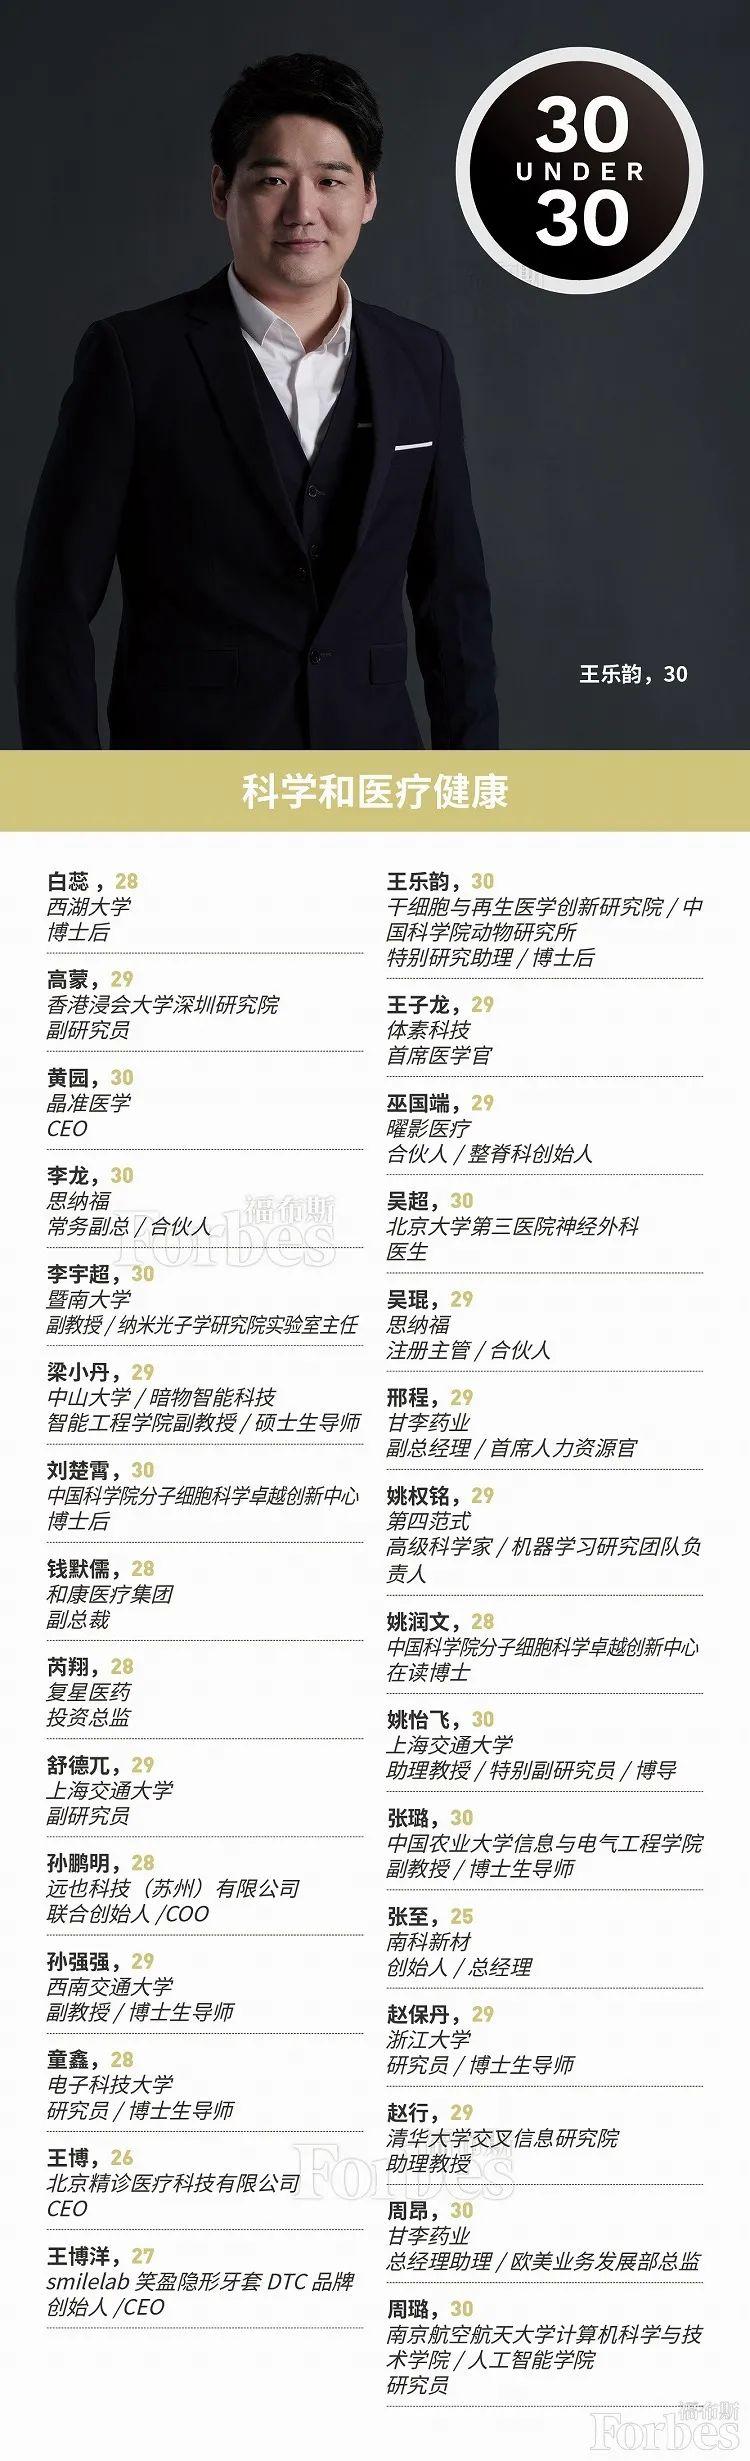 30岁以下精英榜 深国交2011届毕业生|邵程 福布斯中国2020年度上榜  深国交 深圳国际交流学院 学在国交 第8张